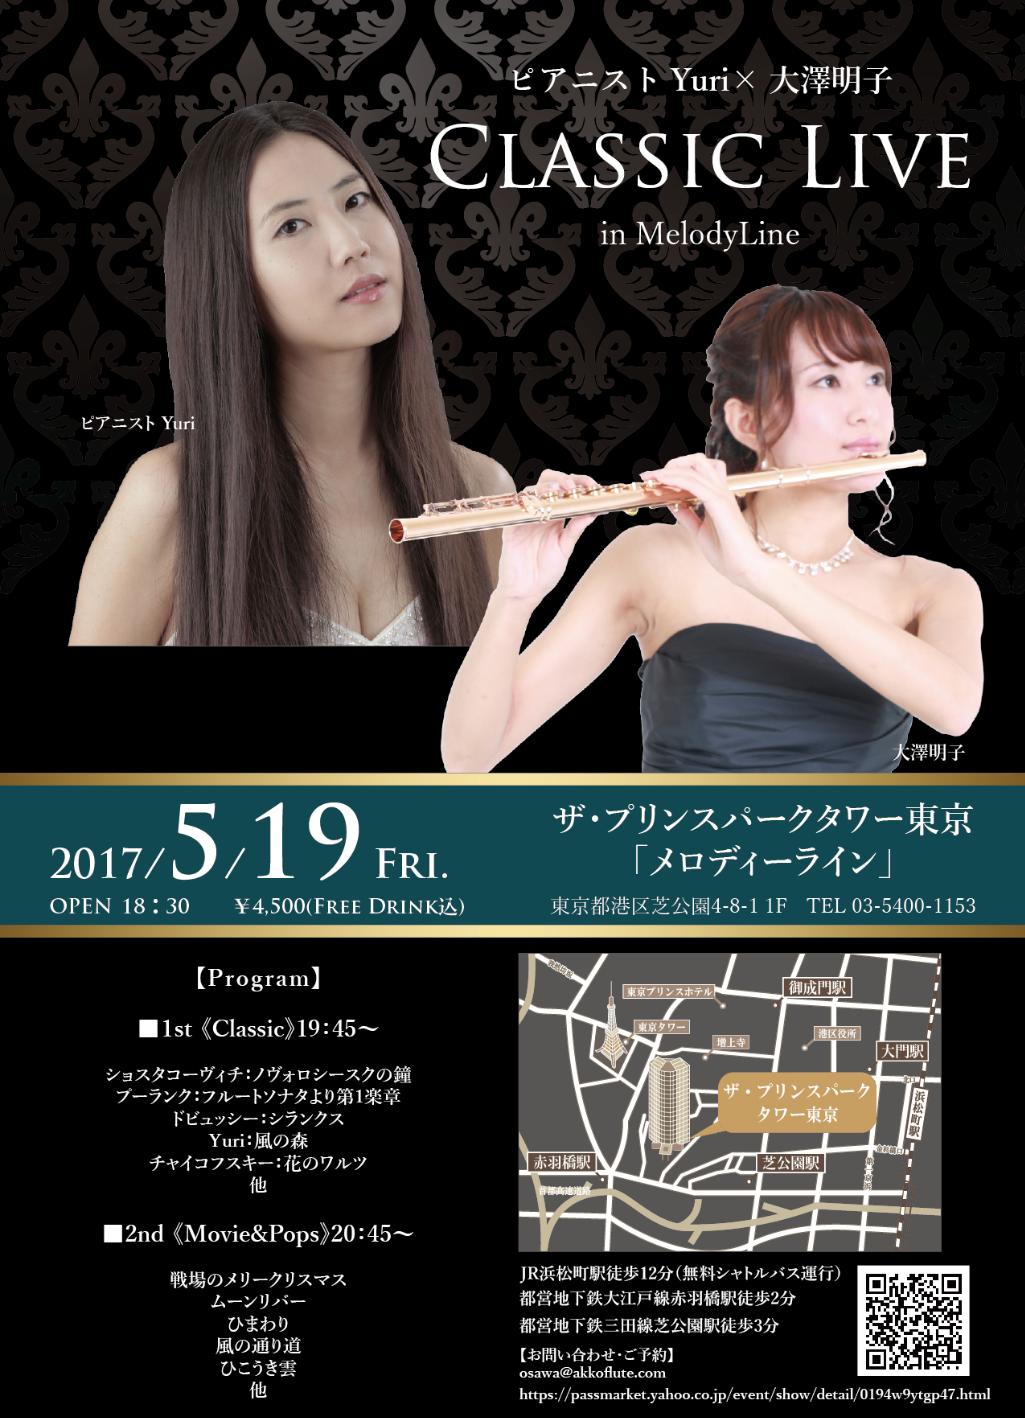 大澤明子×ピアニストyuri『Classi Live』